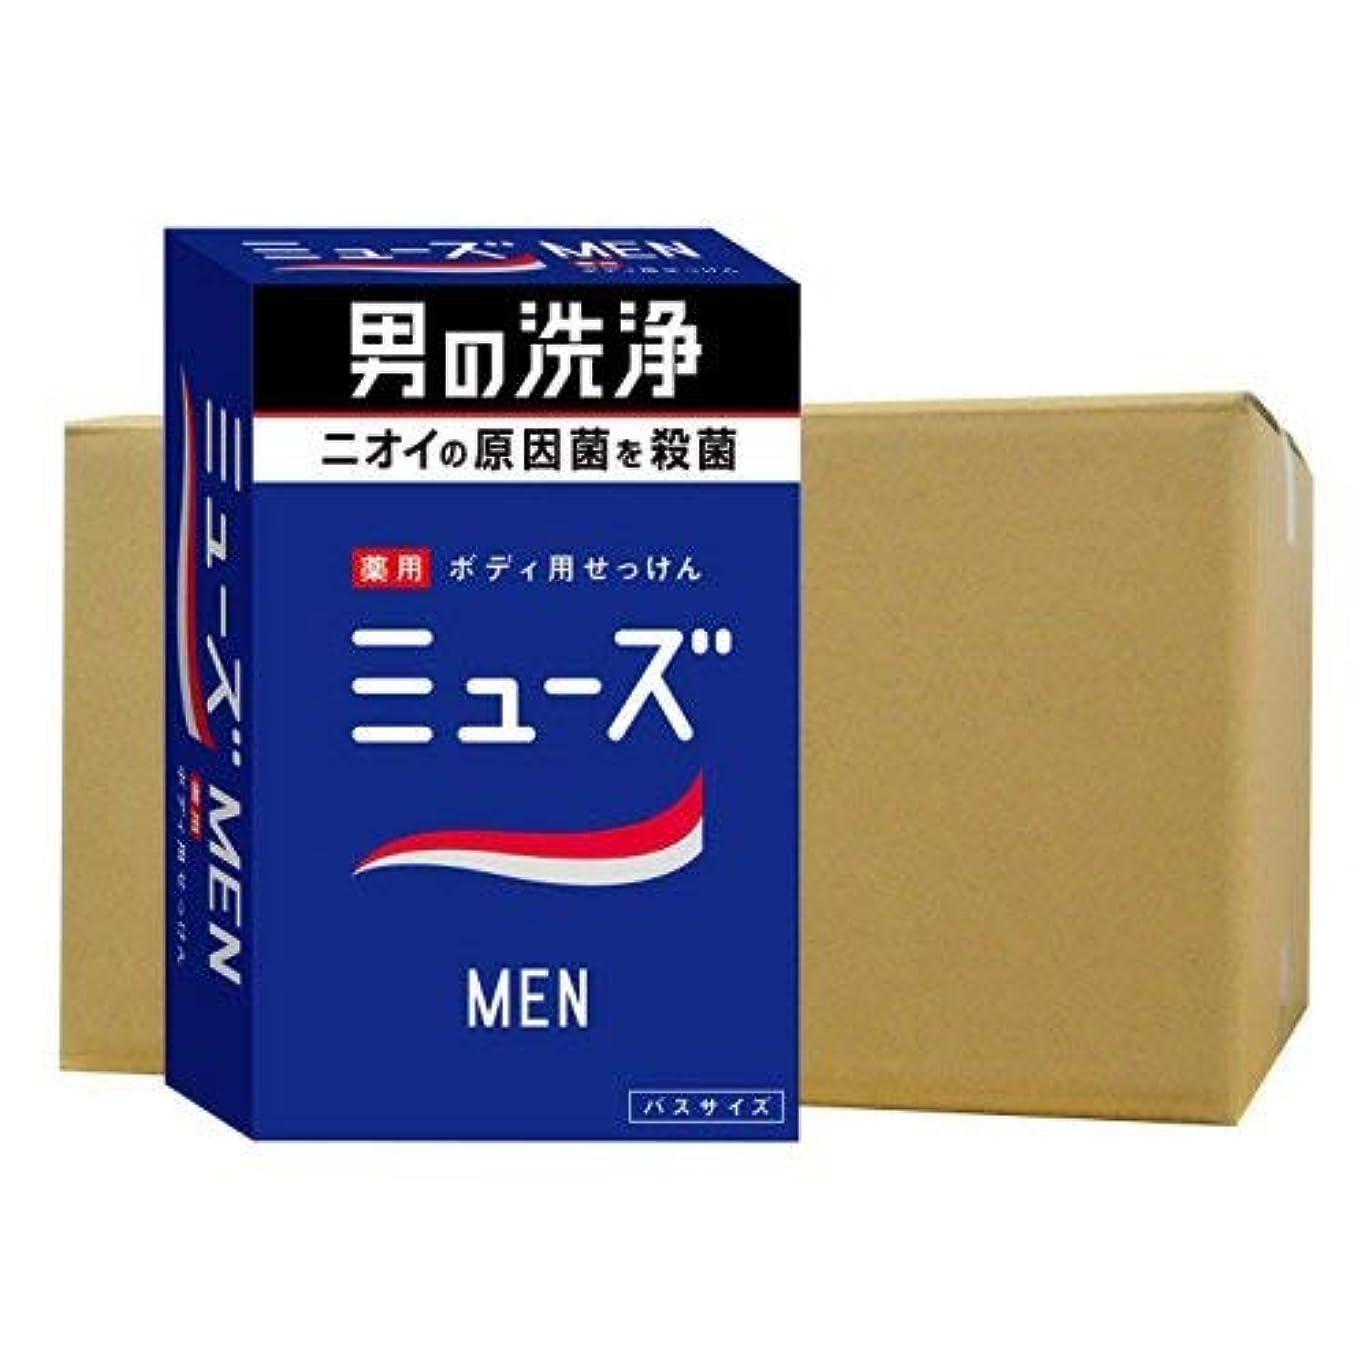 体操全国愛撫ミューズメン薬用石鹸 135g×24個セット